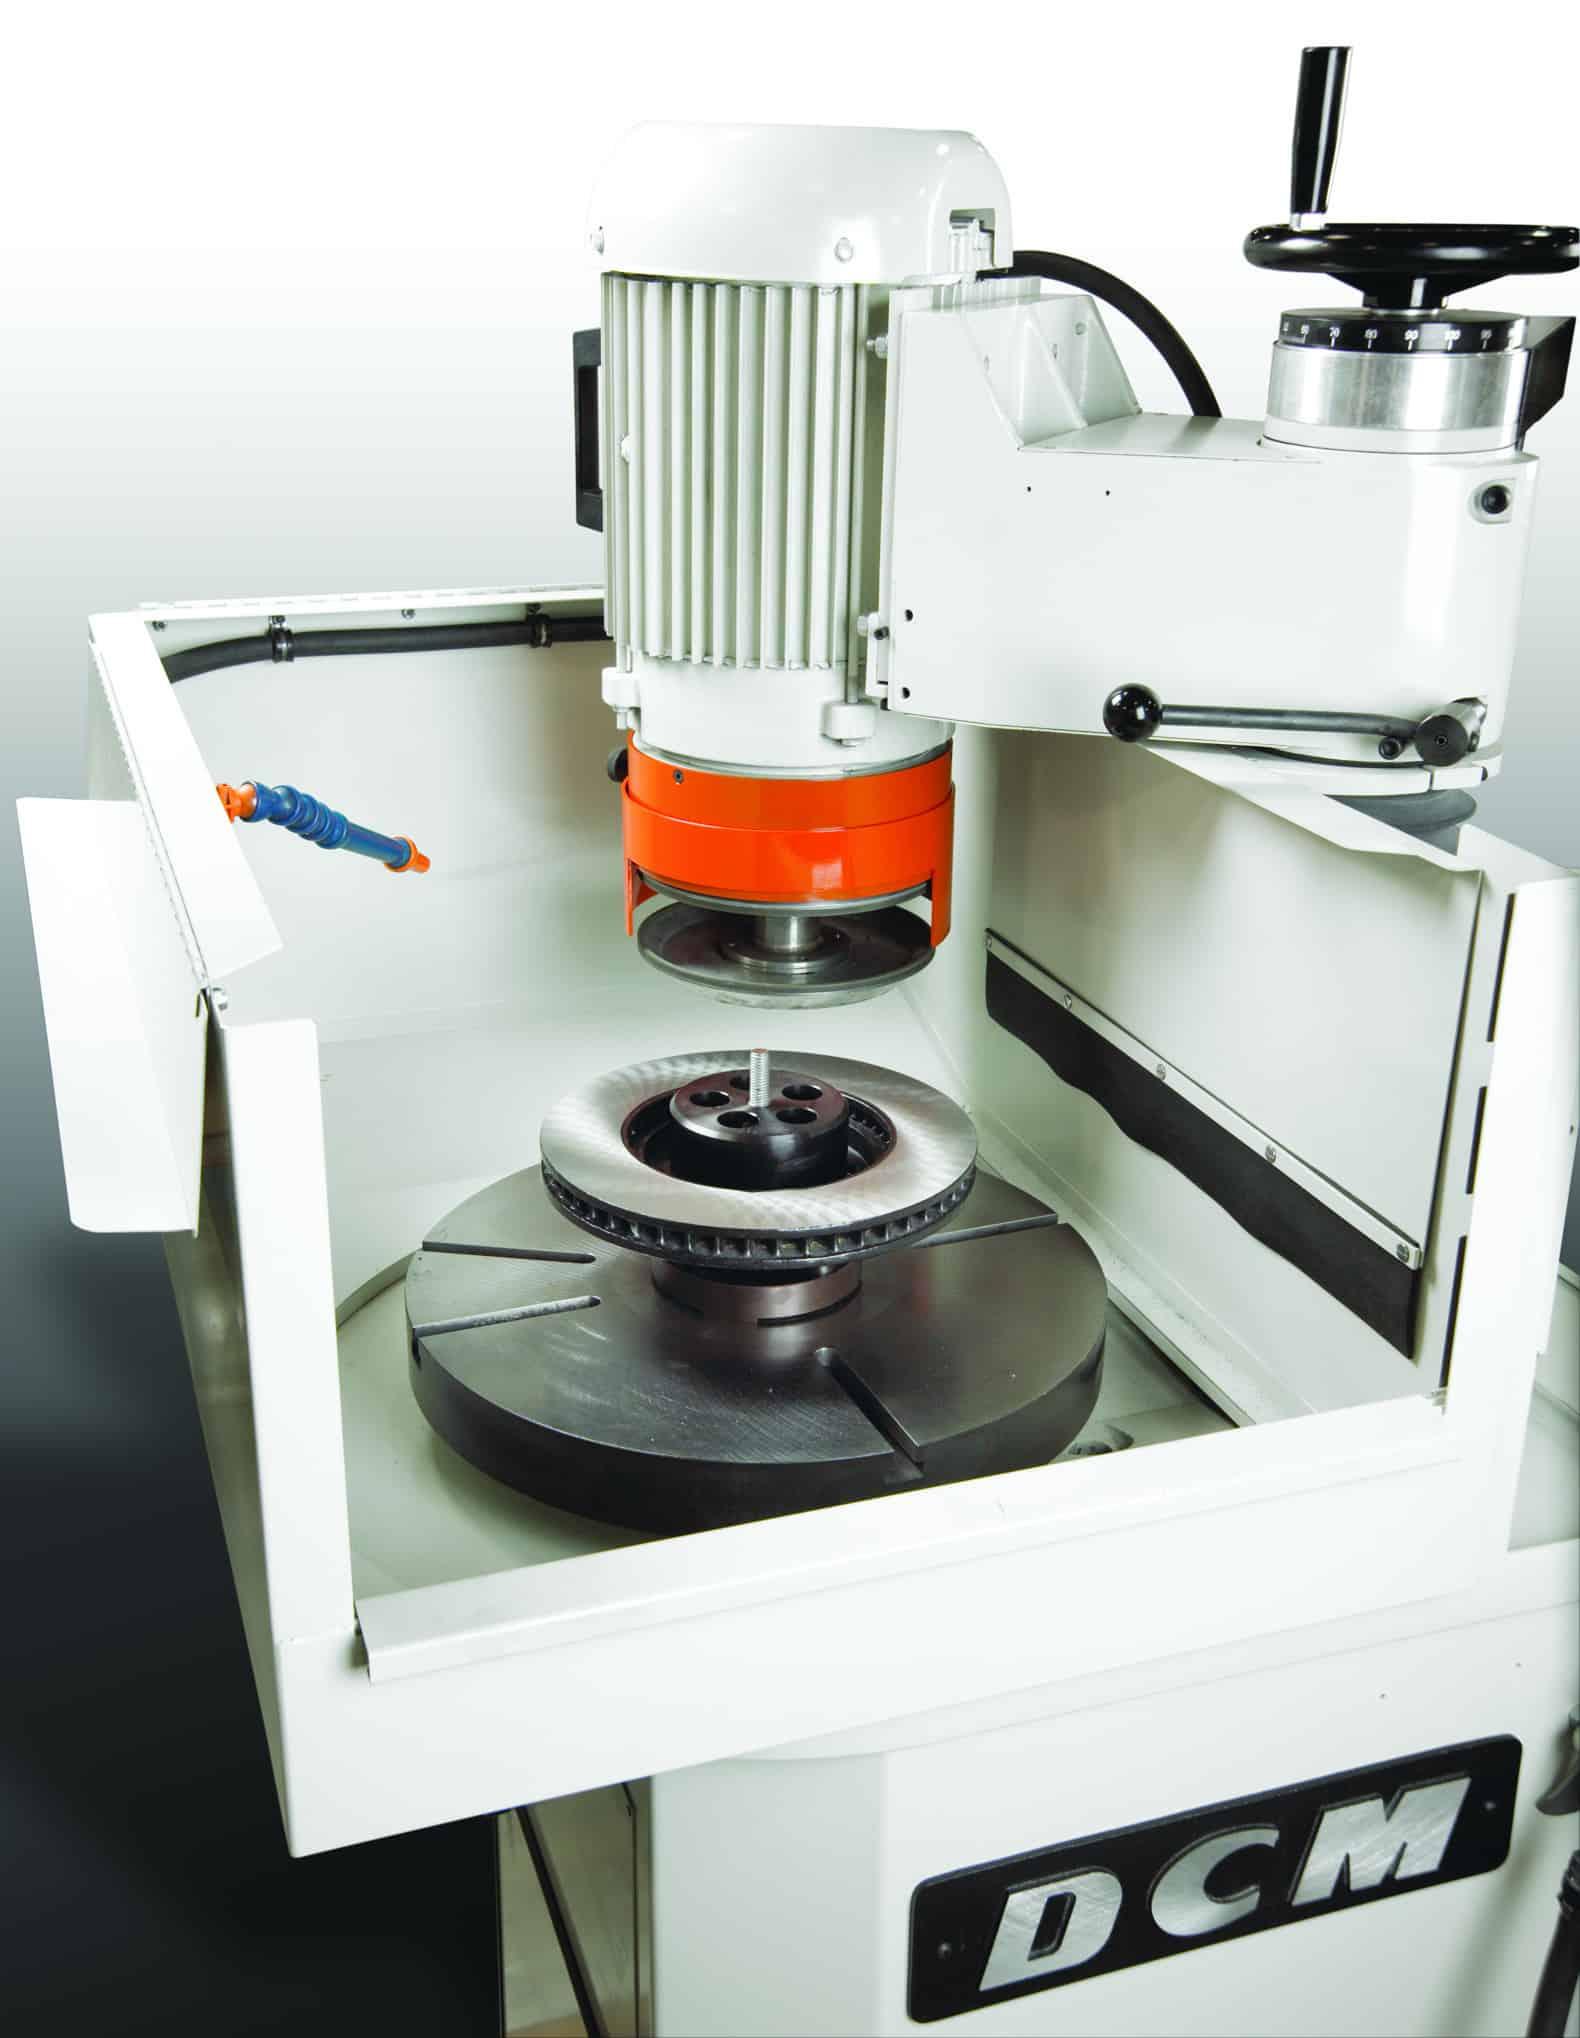 SG 7100 Brake Rotor Grinder